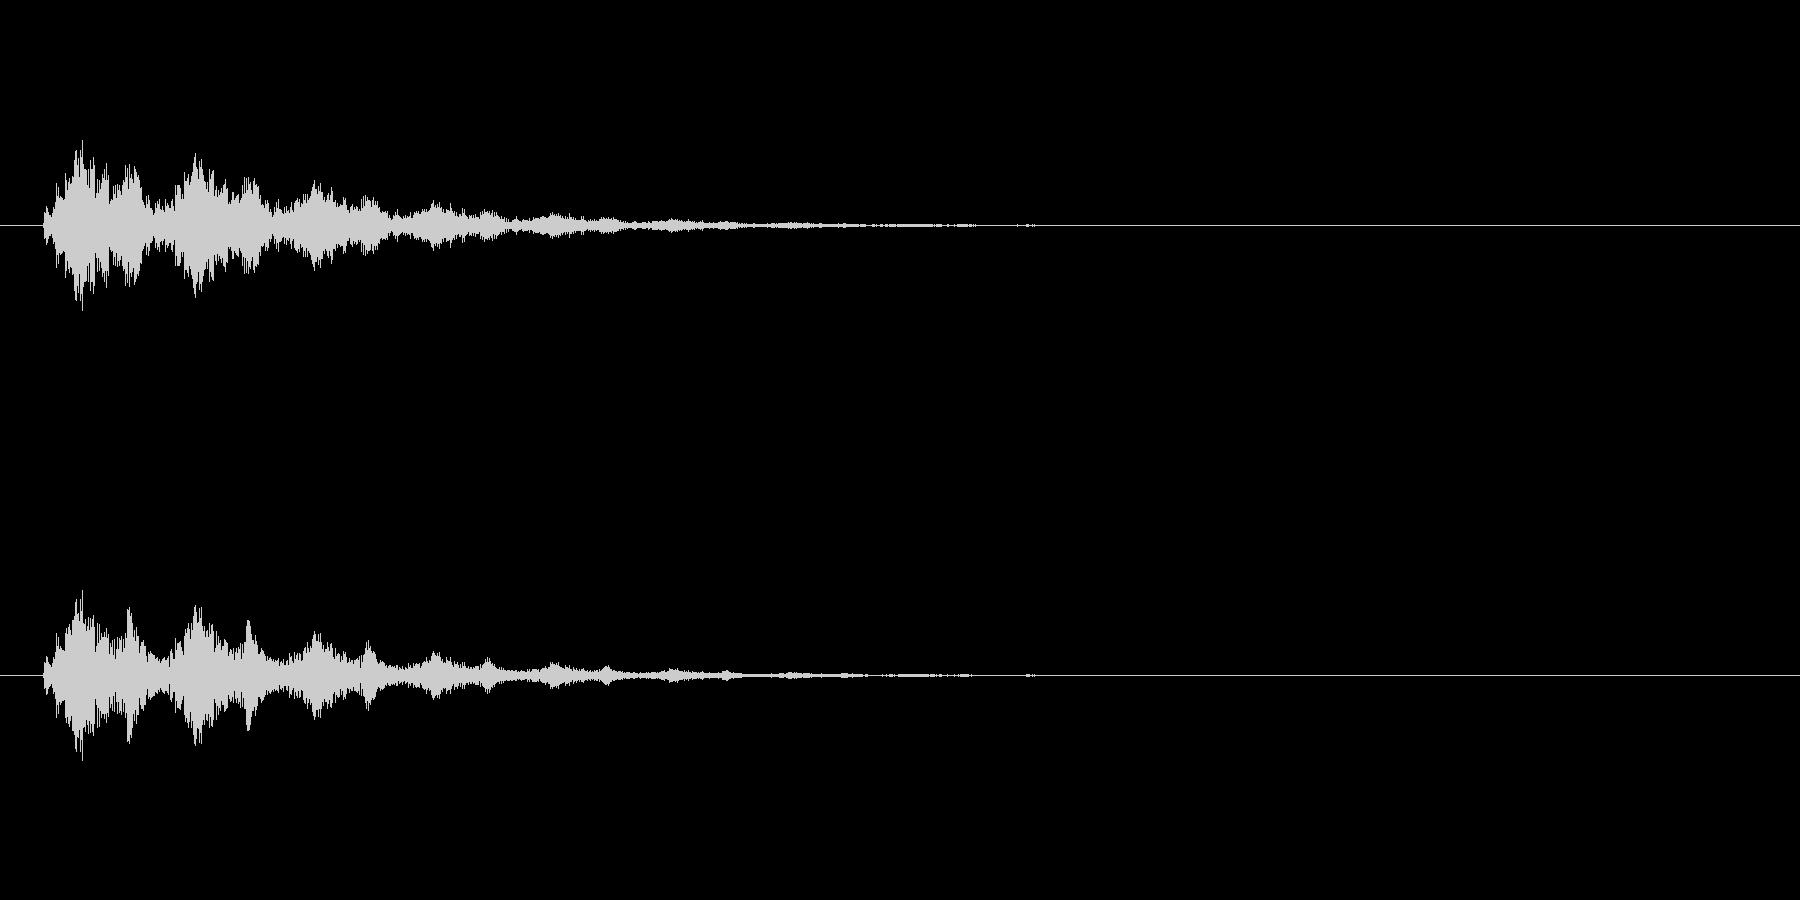 【スポットライト01-2】の未再生の波形